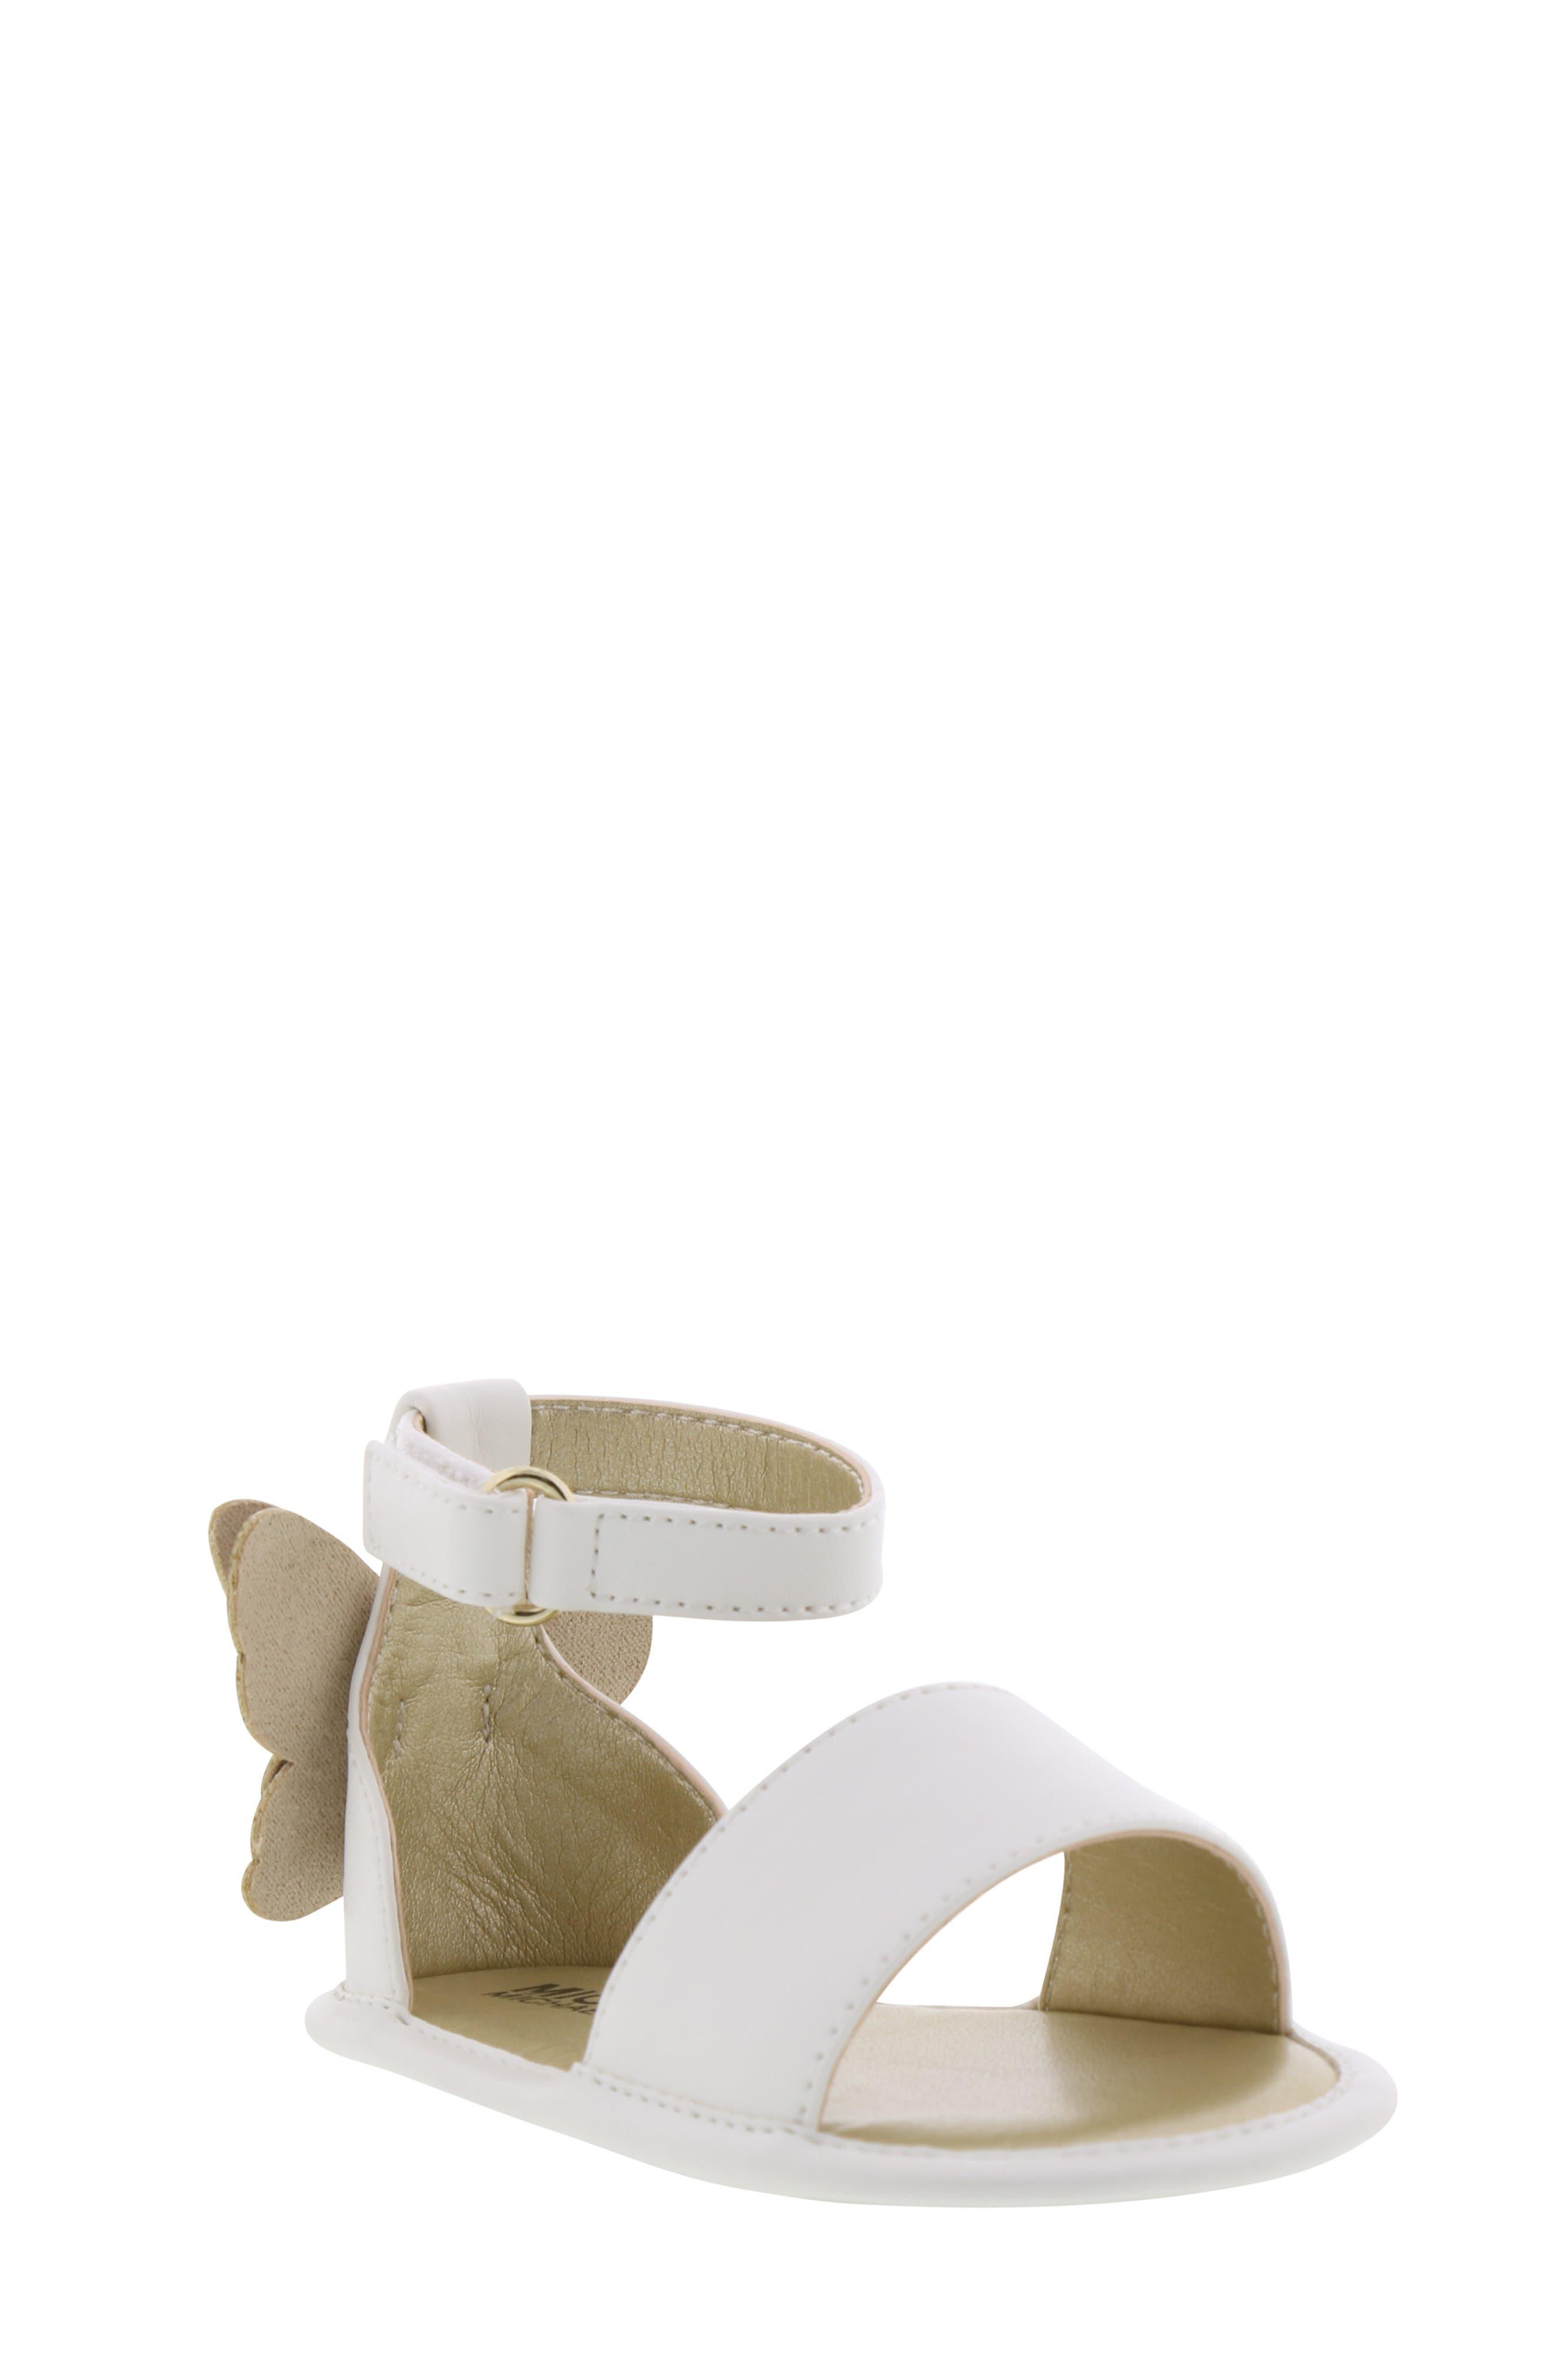 Tilly Sansa Glitter Sandal,                             Main thumbnail 1, color,                             WHITE